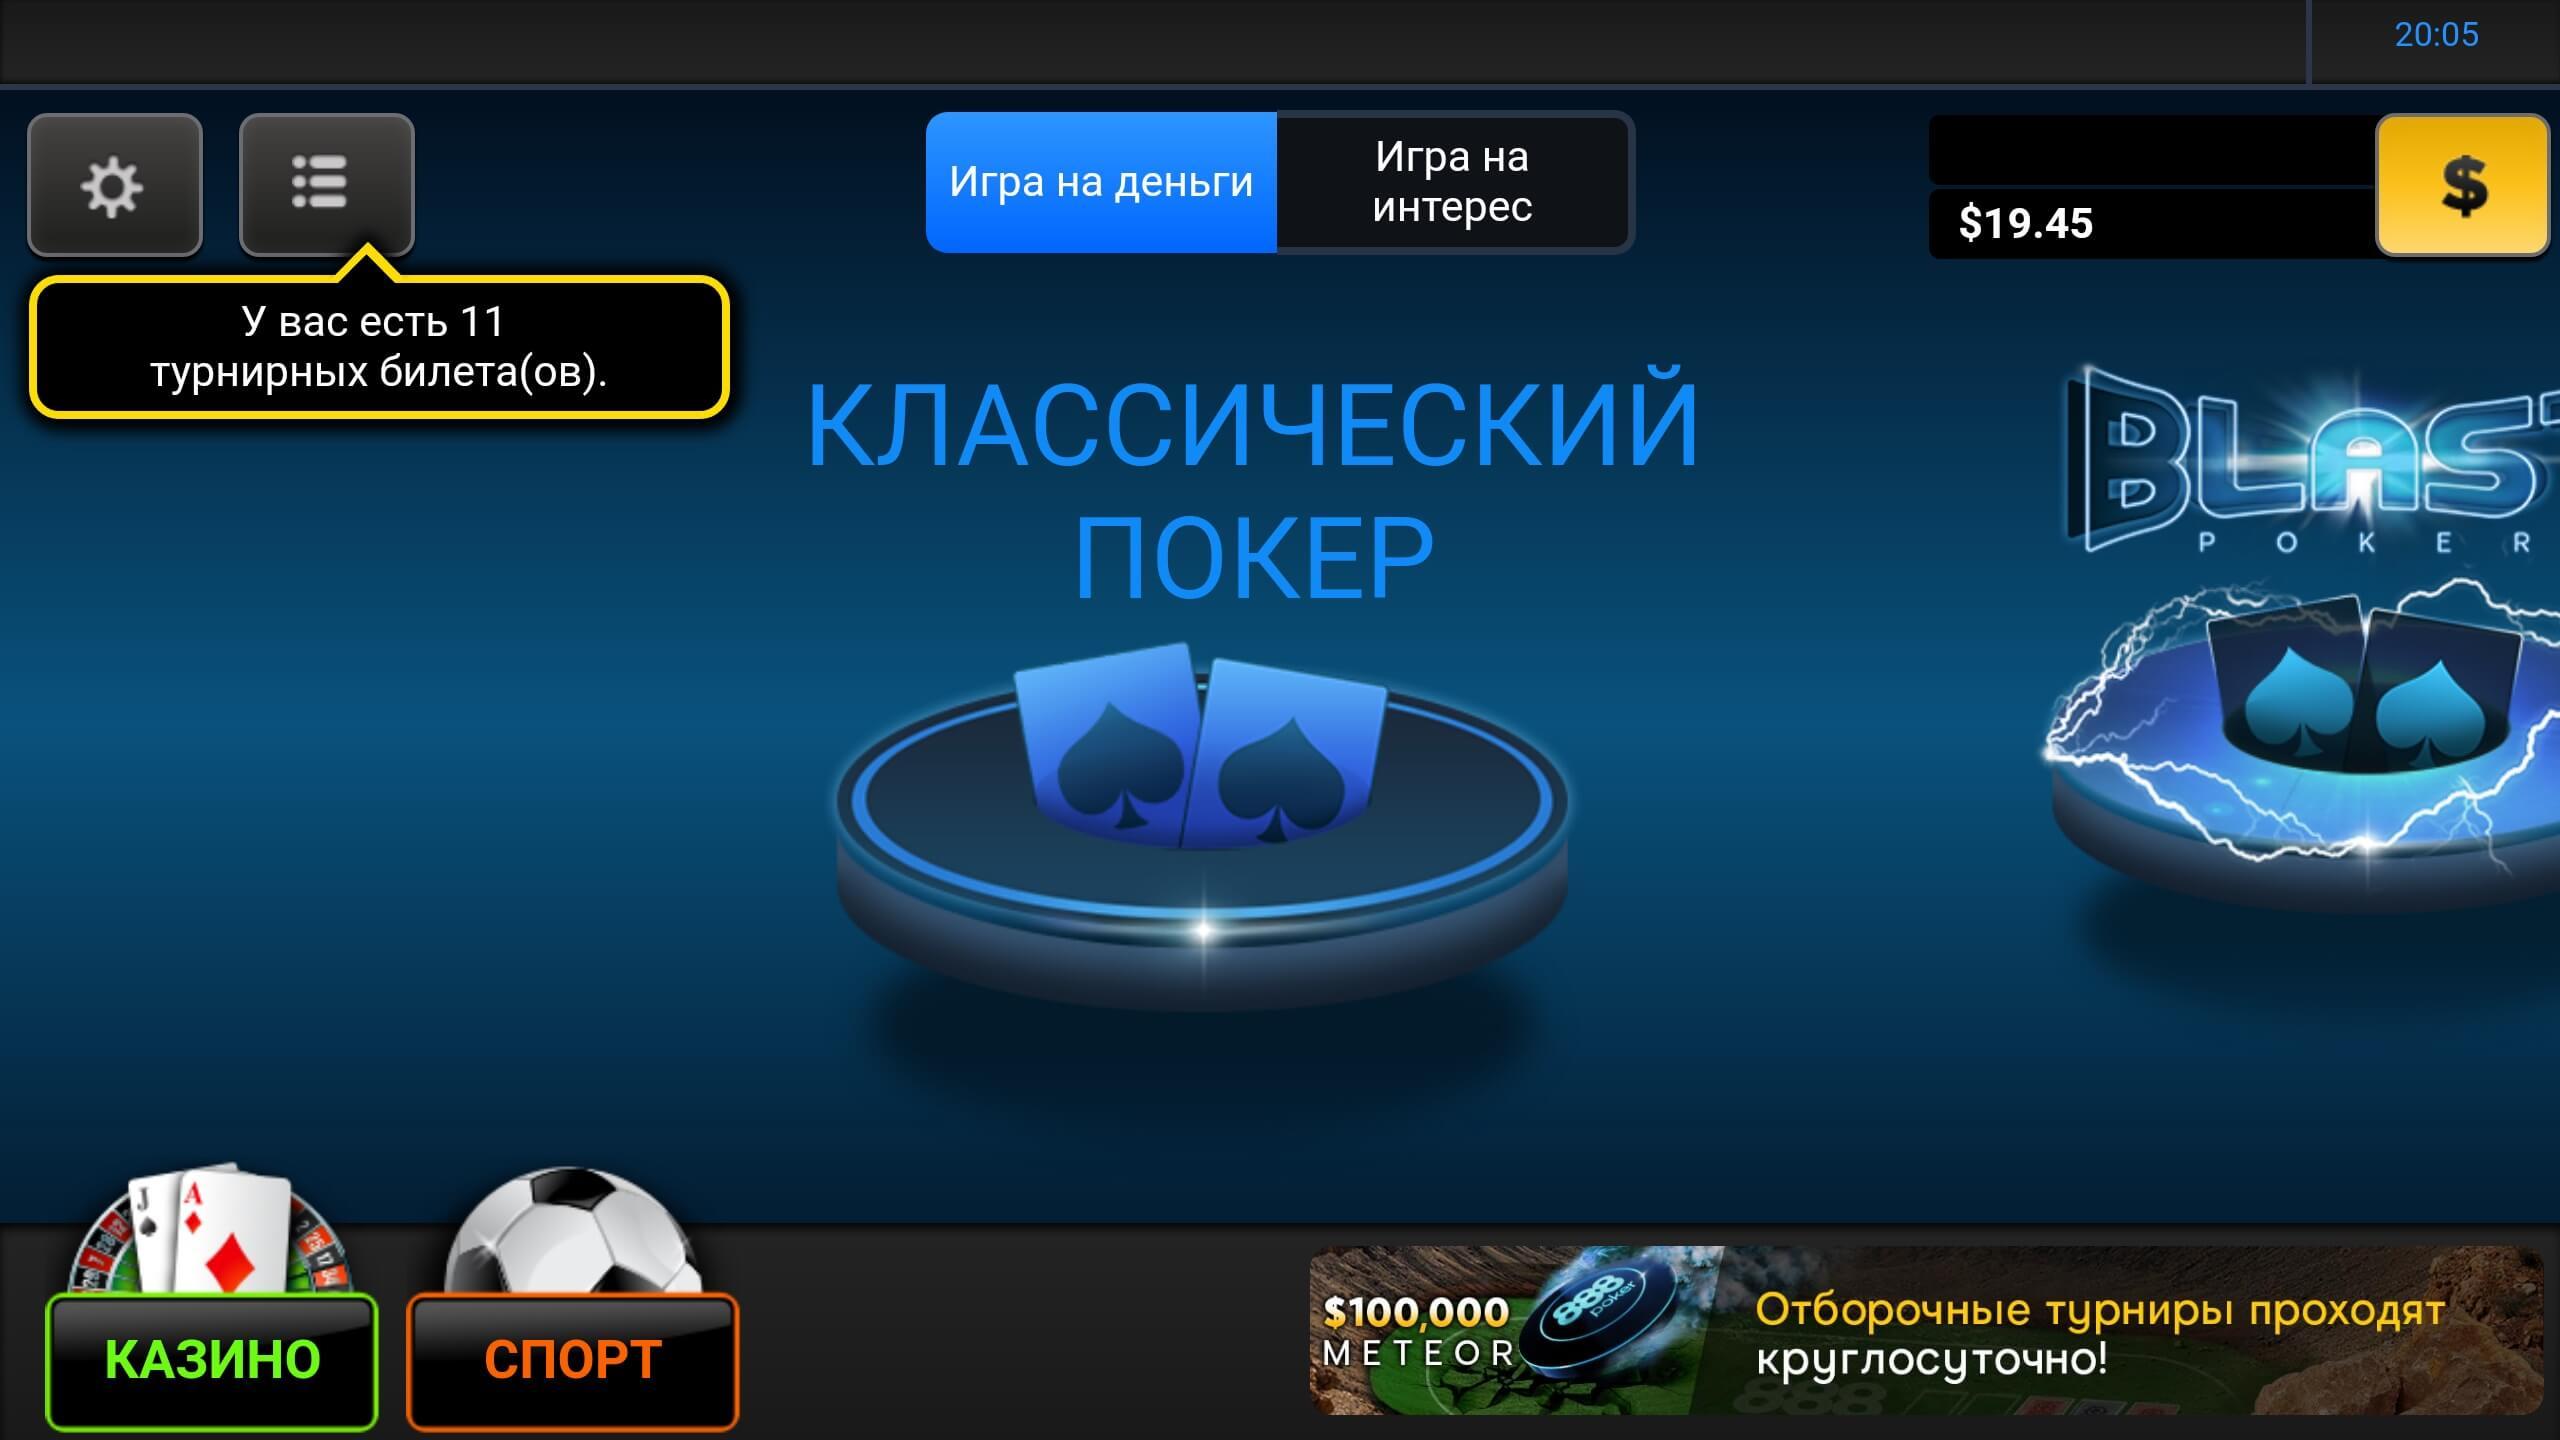 андроид бесплатно онлайн покер на русском скачать для